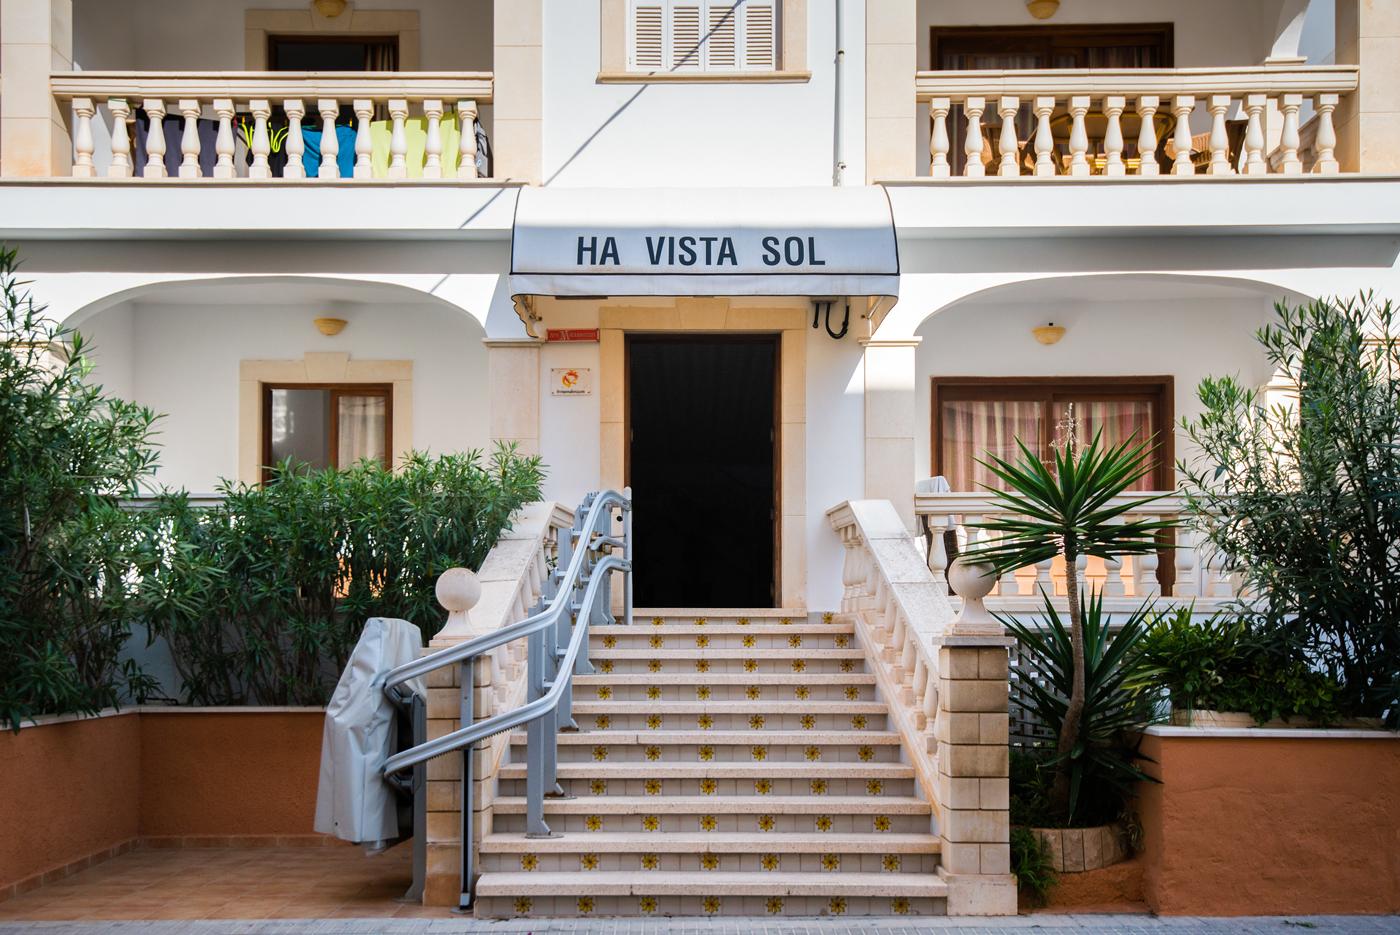 Vista Sol Hotel